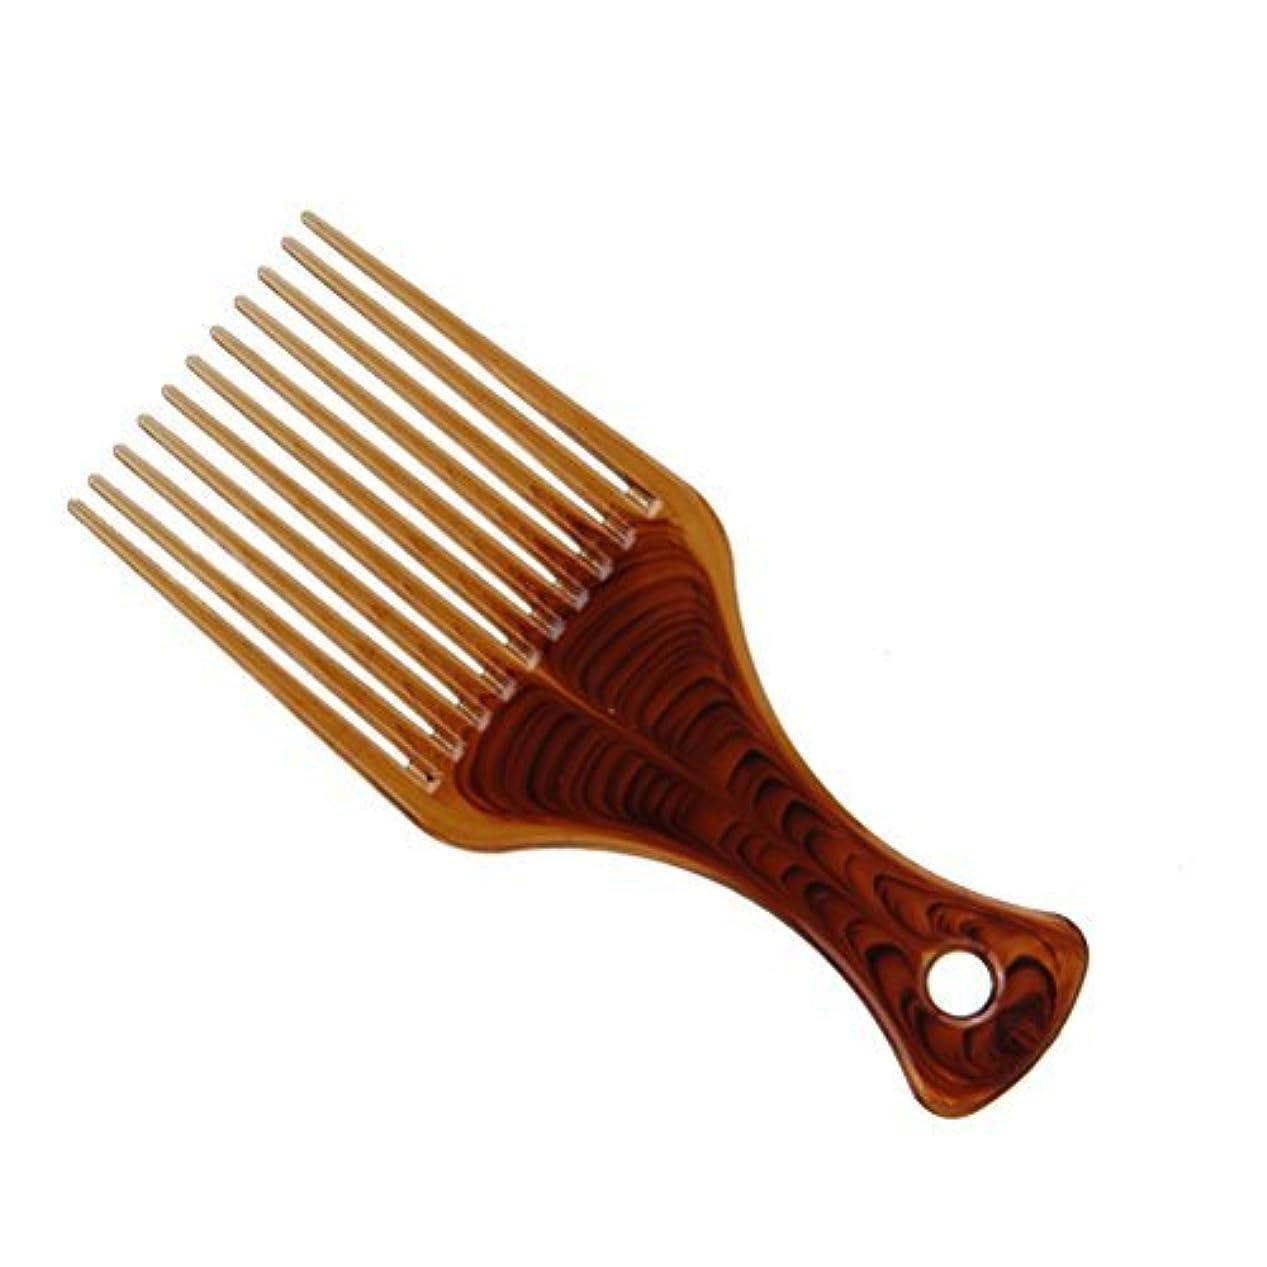 予防接種する無一文誇張するUltra Smooth No Frizz Hair Lift Pick Comb for Hairstyle (Coffee) [並行輸入品]